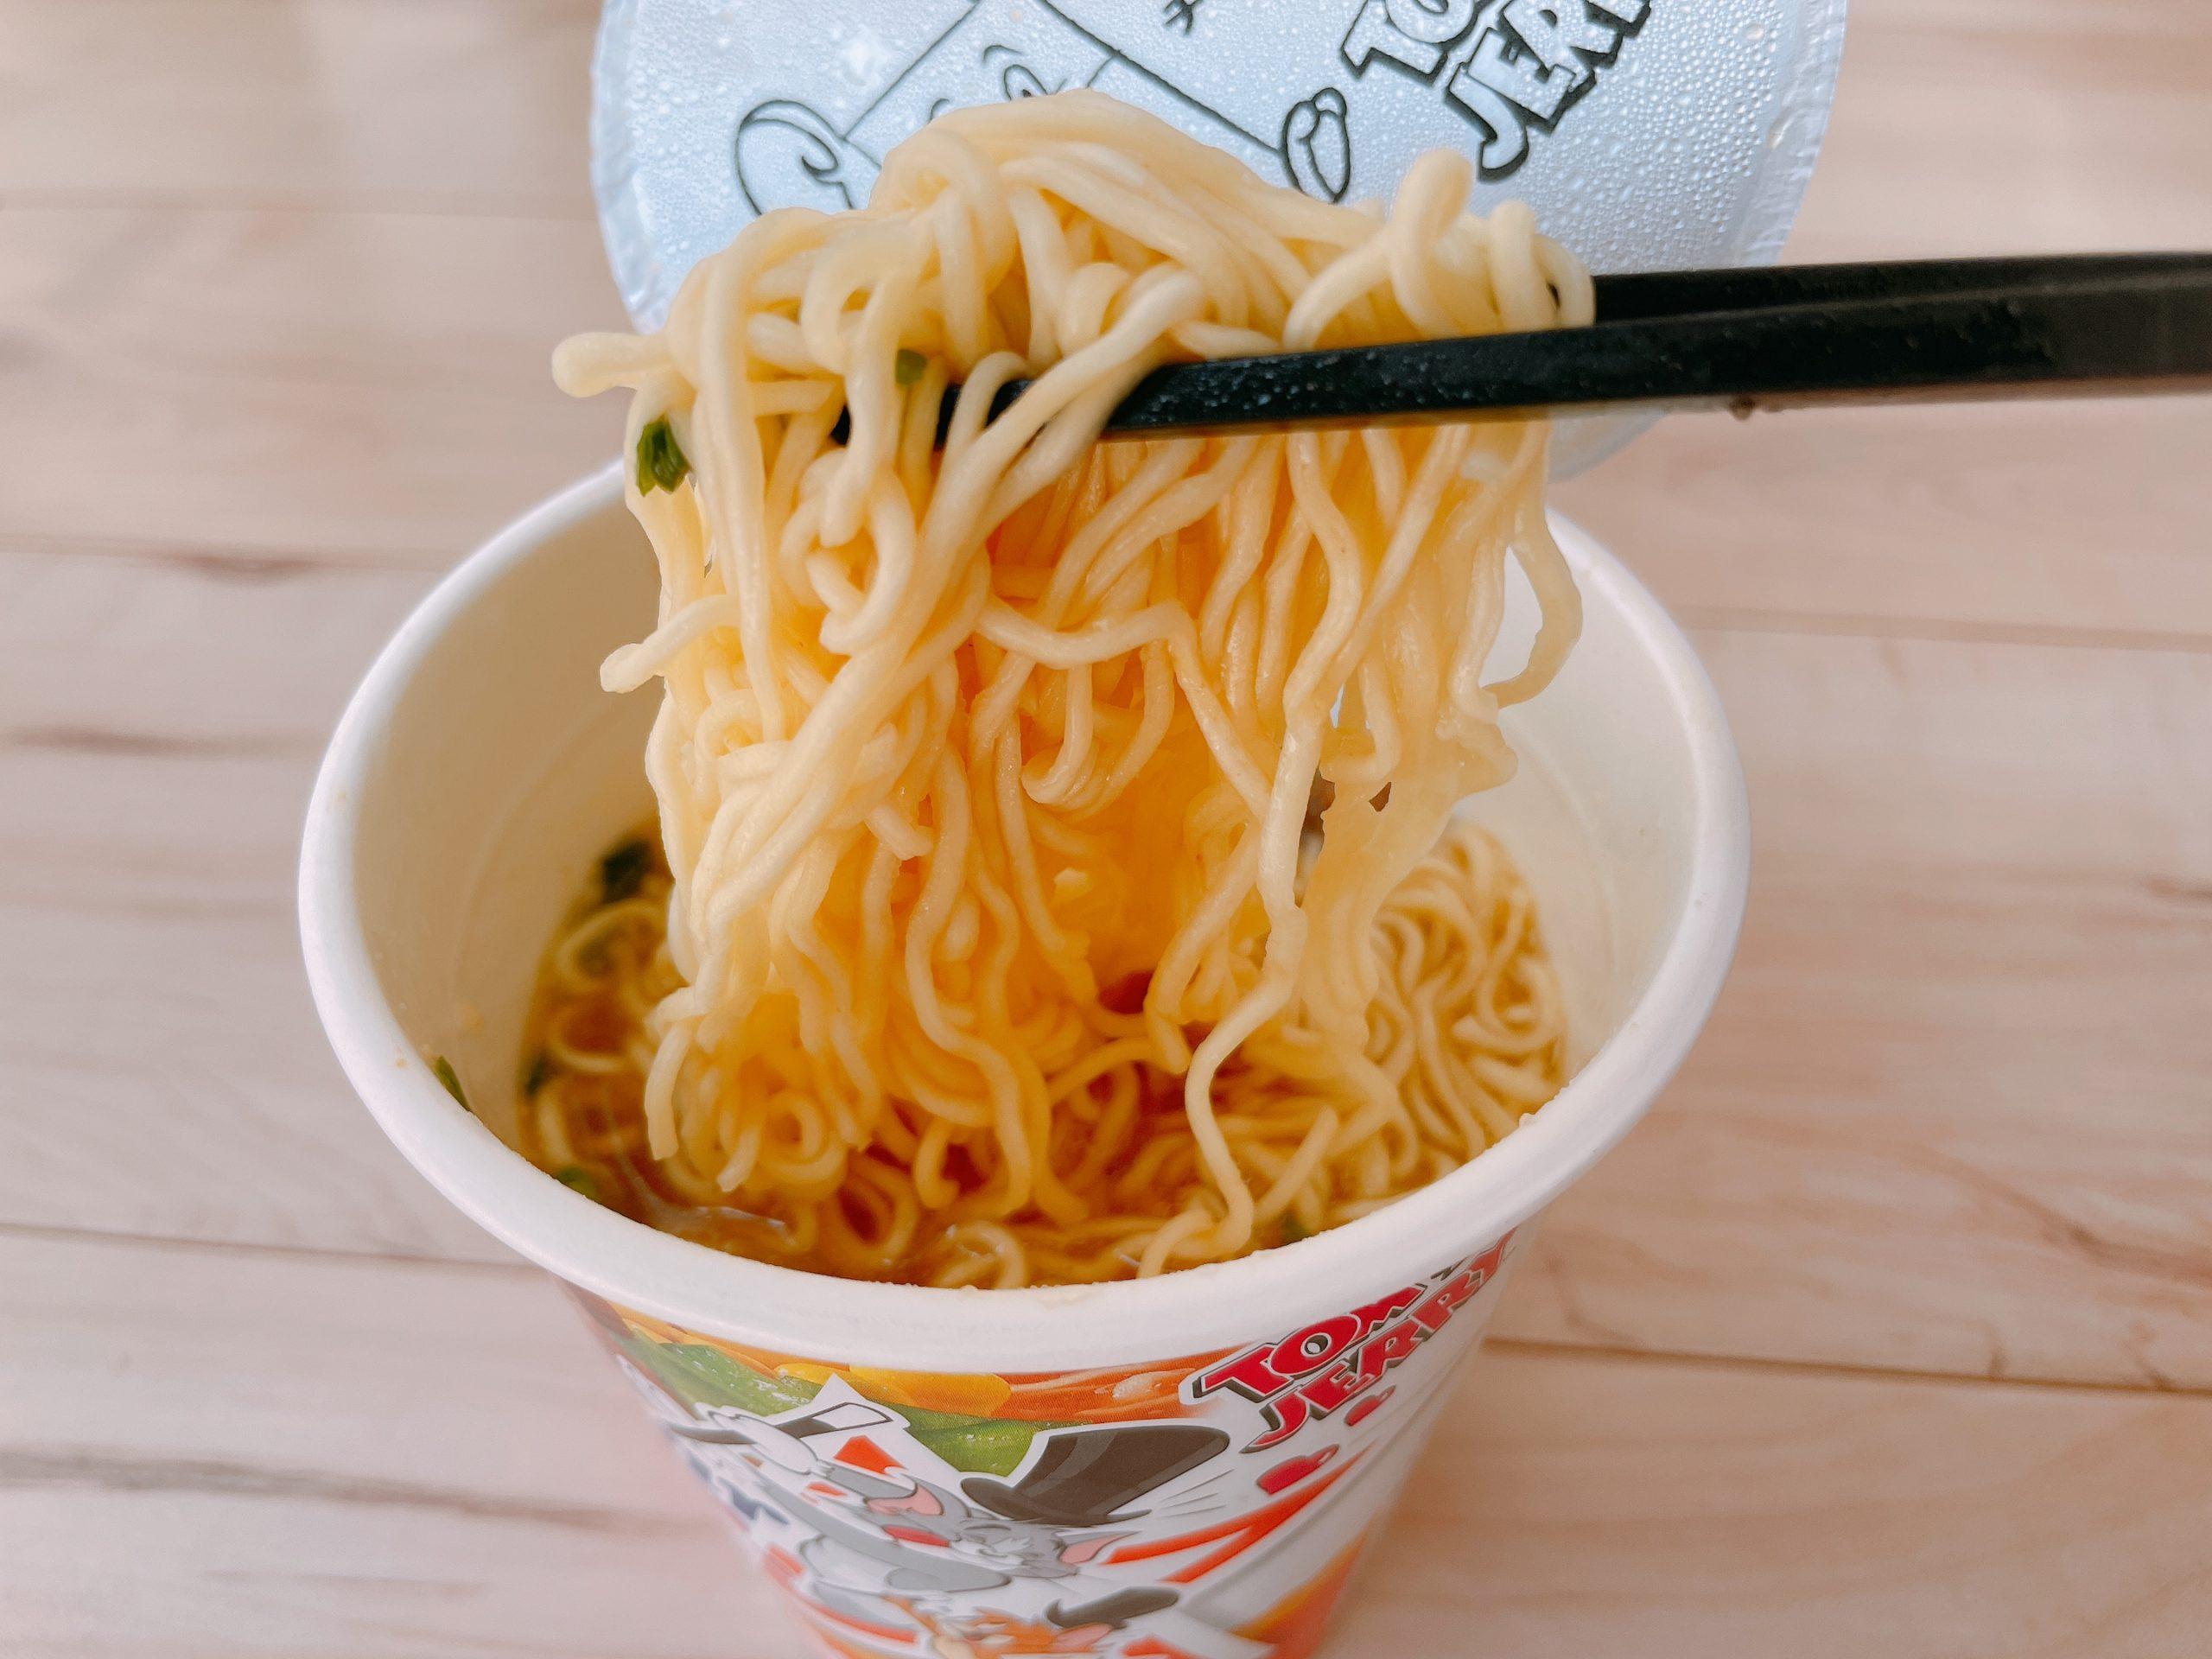 サッポロ一番カップスター味噌は、スープの味噌が格別